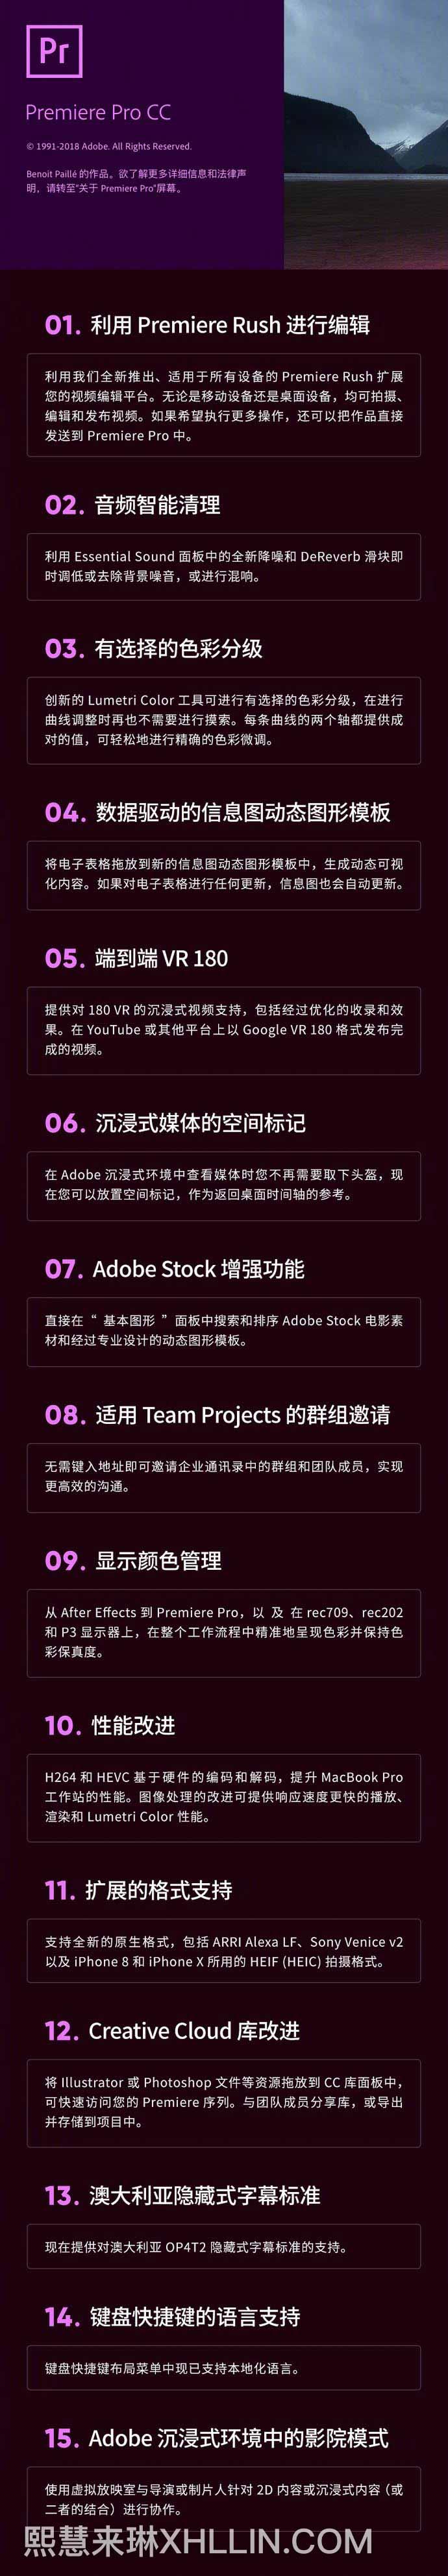 《Adobe2019全家桶和谐版下载(Win和Mac)》